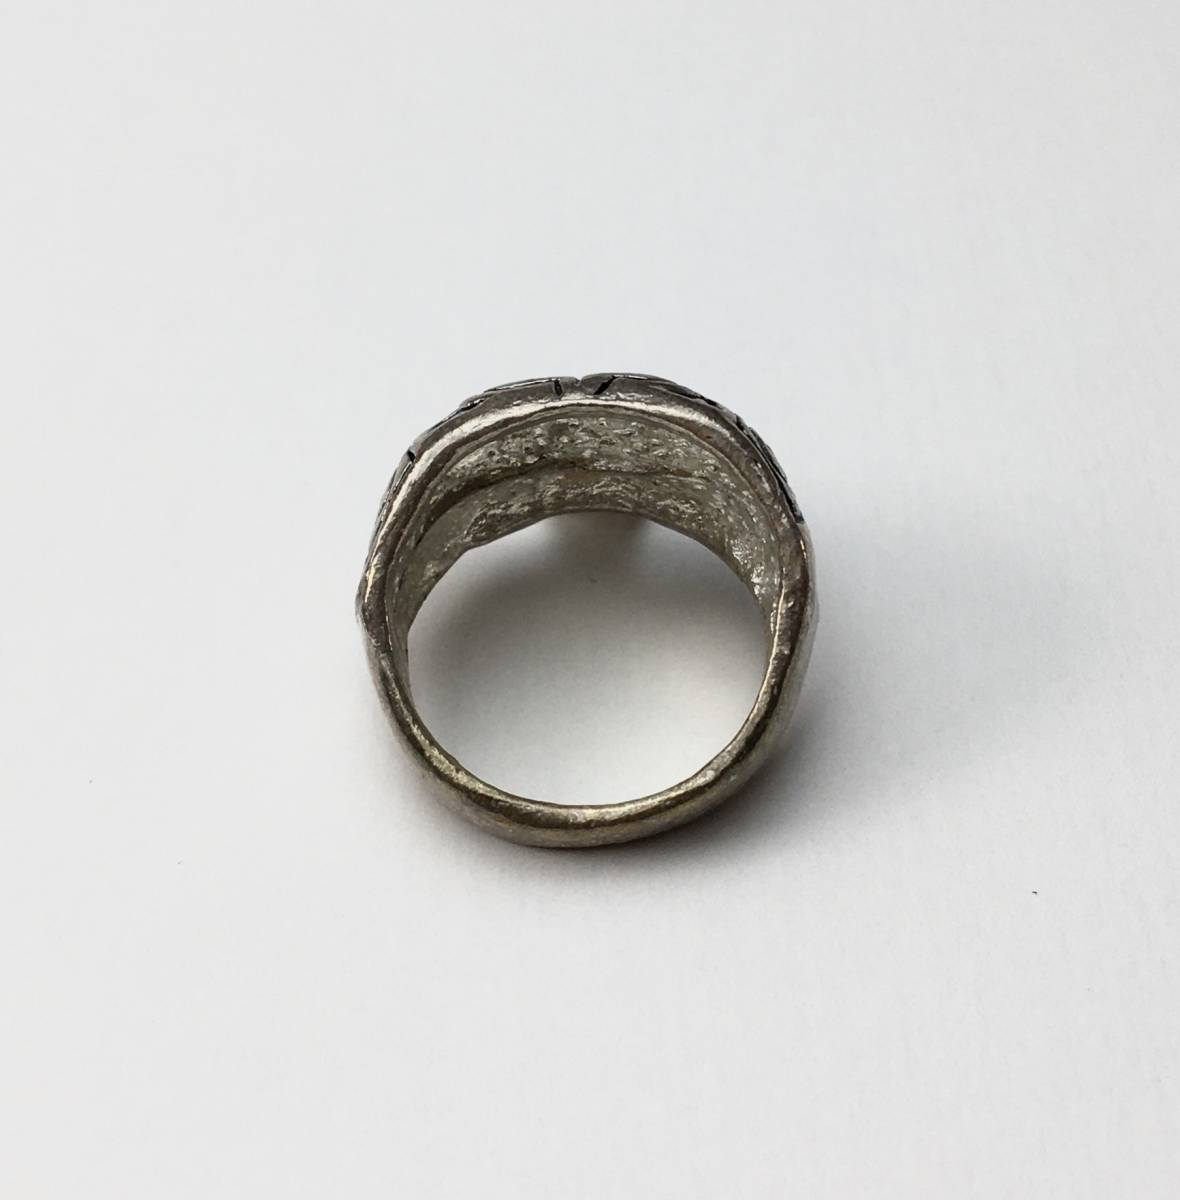 スカル リング 指輪 髑髏 ドクロ 骸骨 ガイコツ SKULL シルバーアクセサリー アンティーク アメリカ USA 雑貨 ヴィンテージ vintage 5_画像2